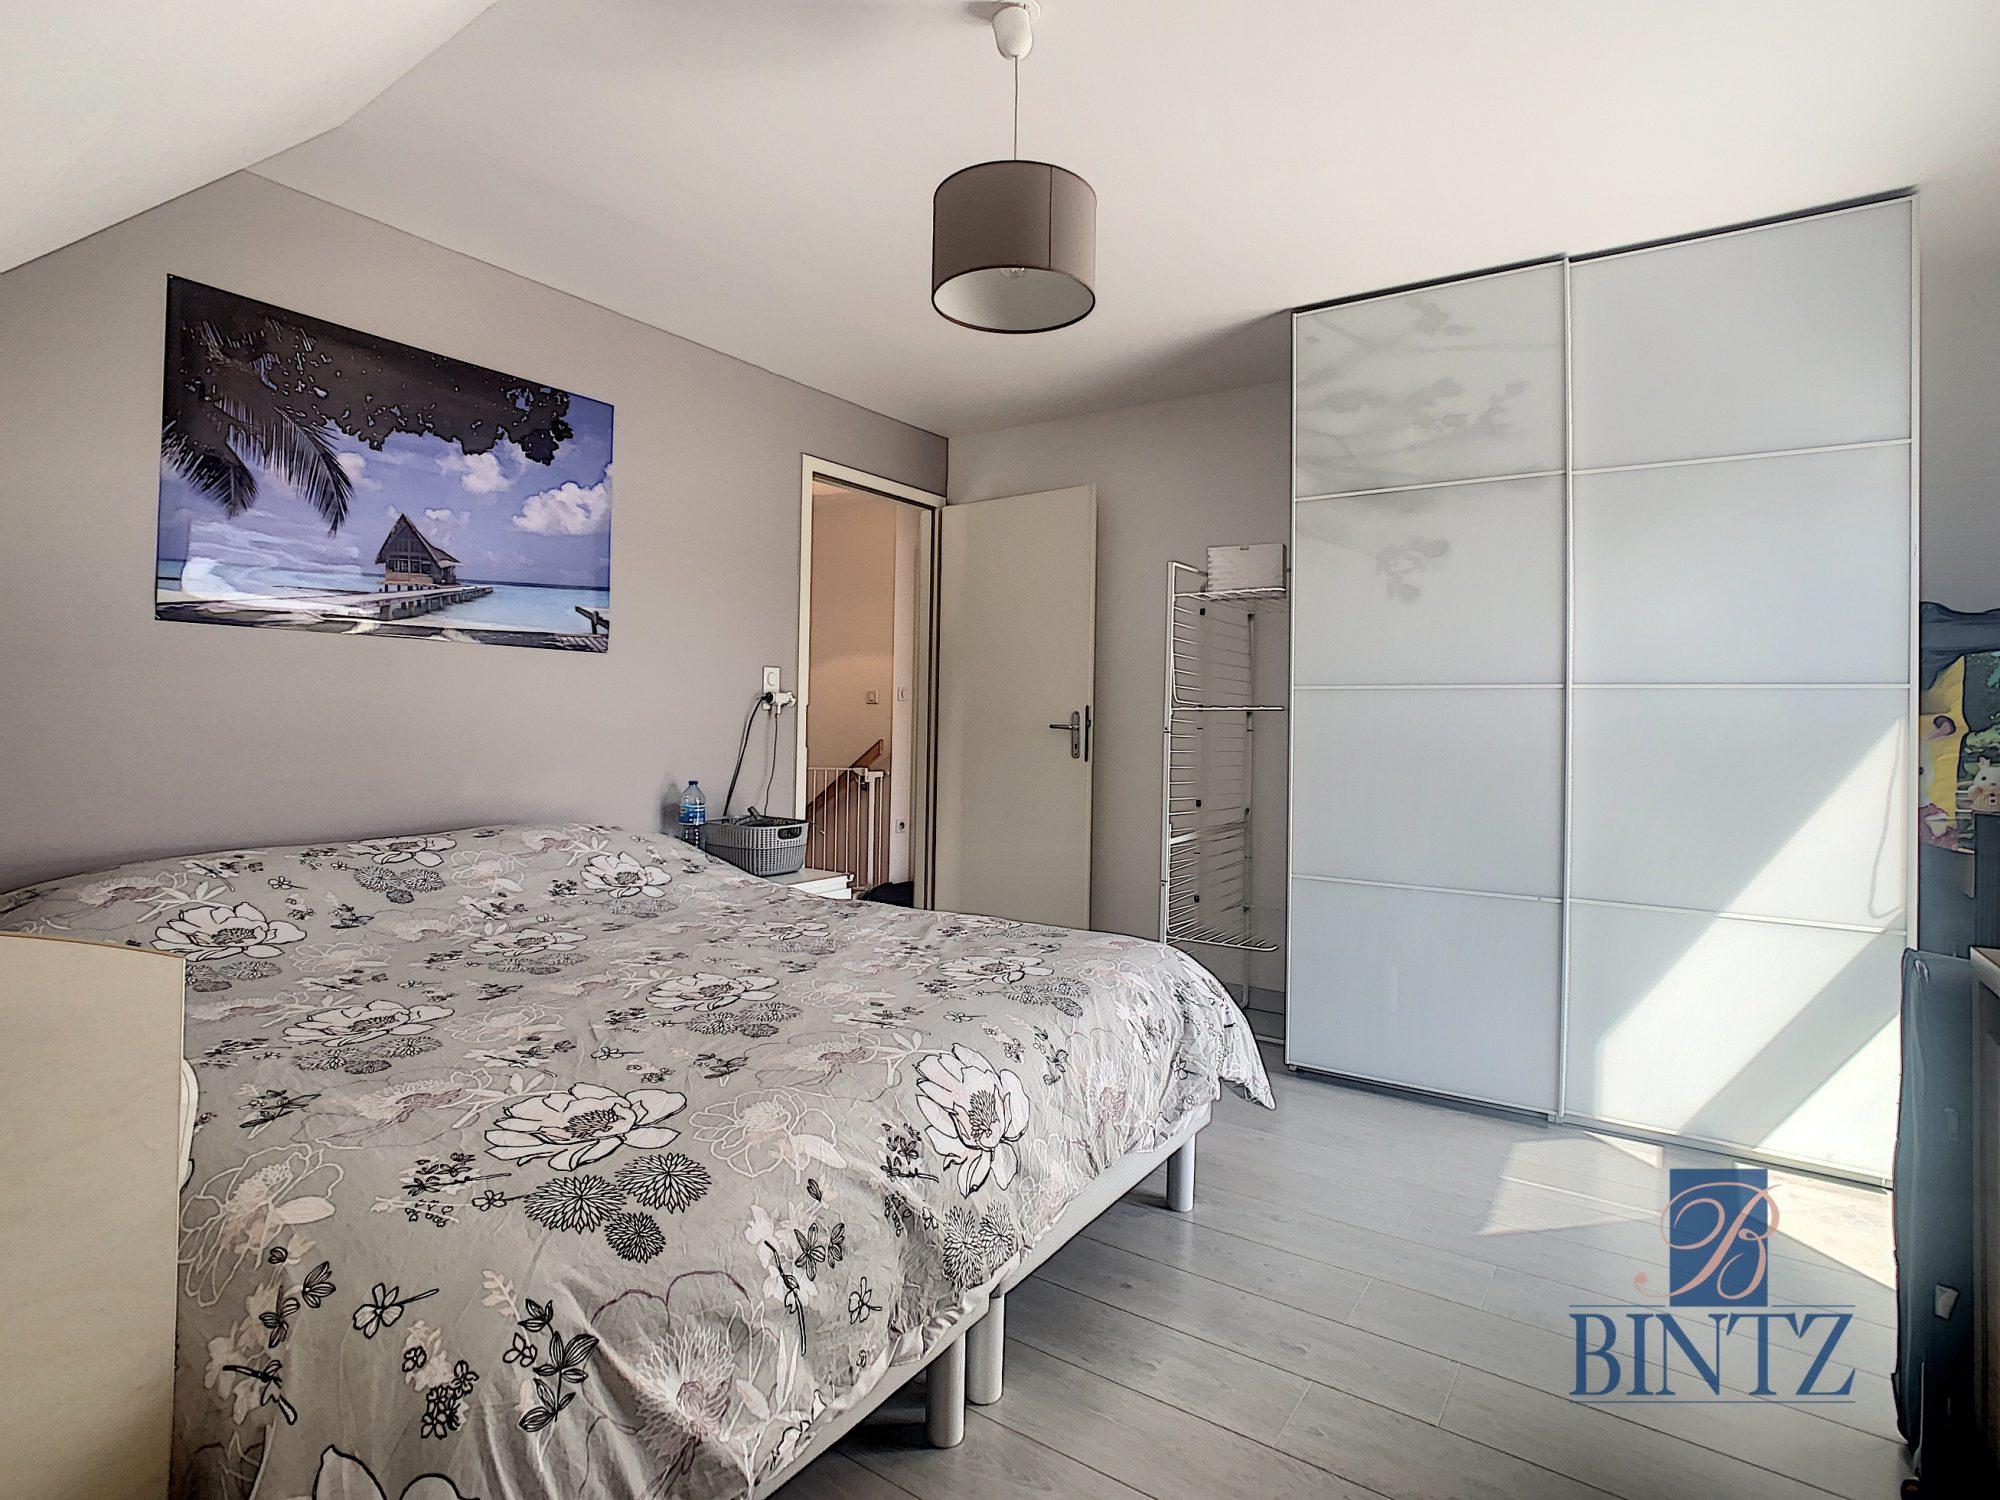 Appartement 4 pièces Duplex rez-de-jardin - Devenez propriétaire en toute confiance - Bintz Immobilier - 12